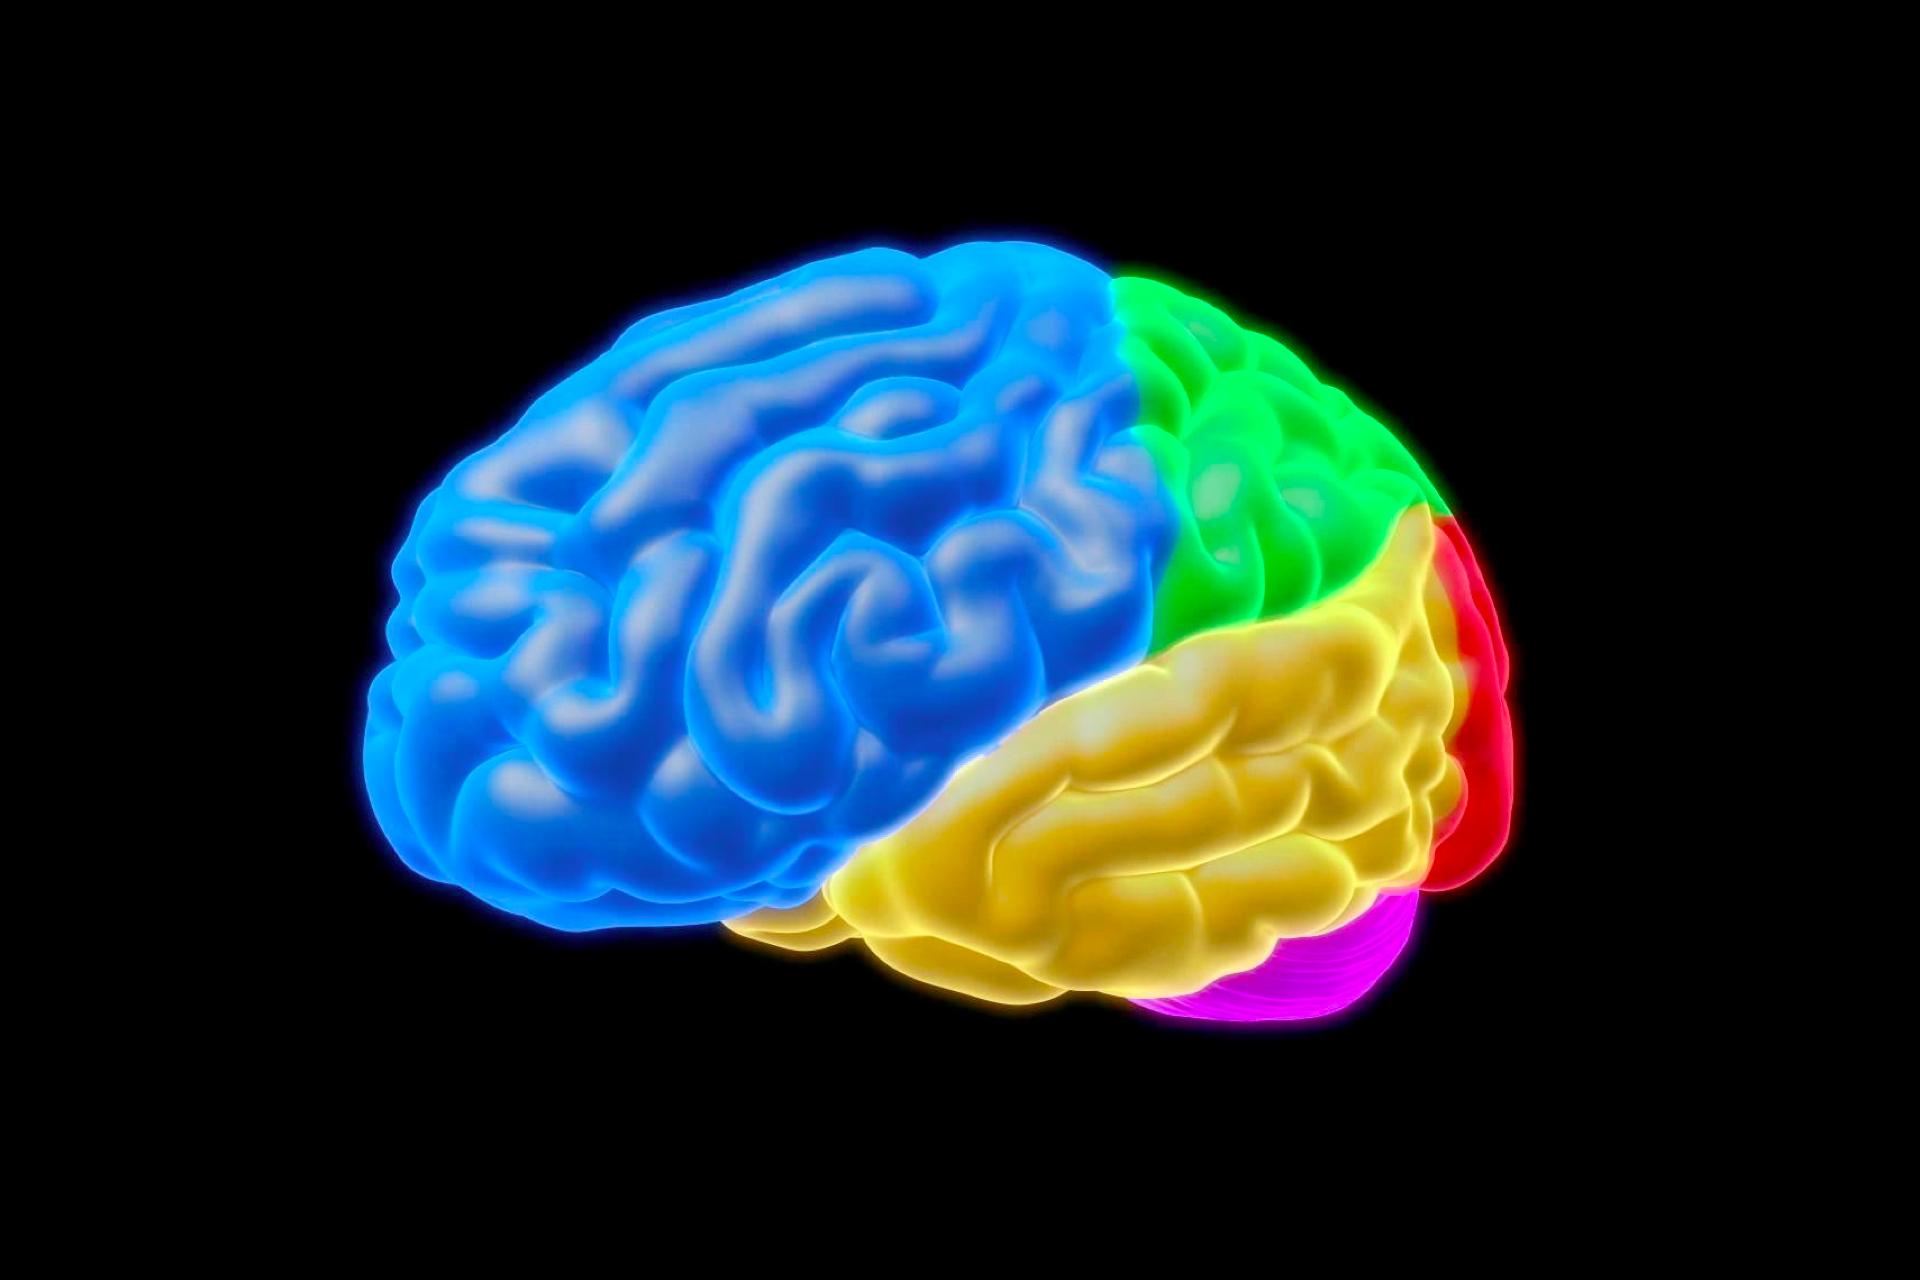 imagen de un cerebro con colores azul verde amarillo rojo y morado prevencion del alzheimer